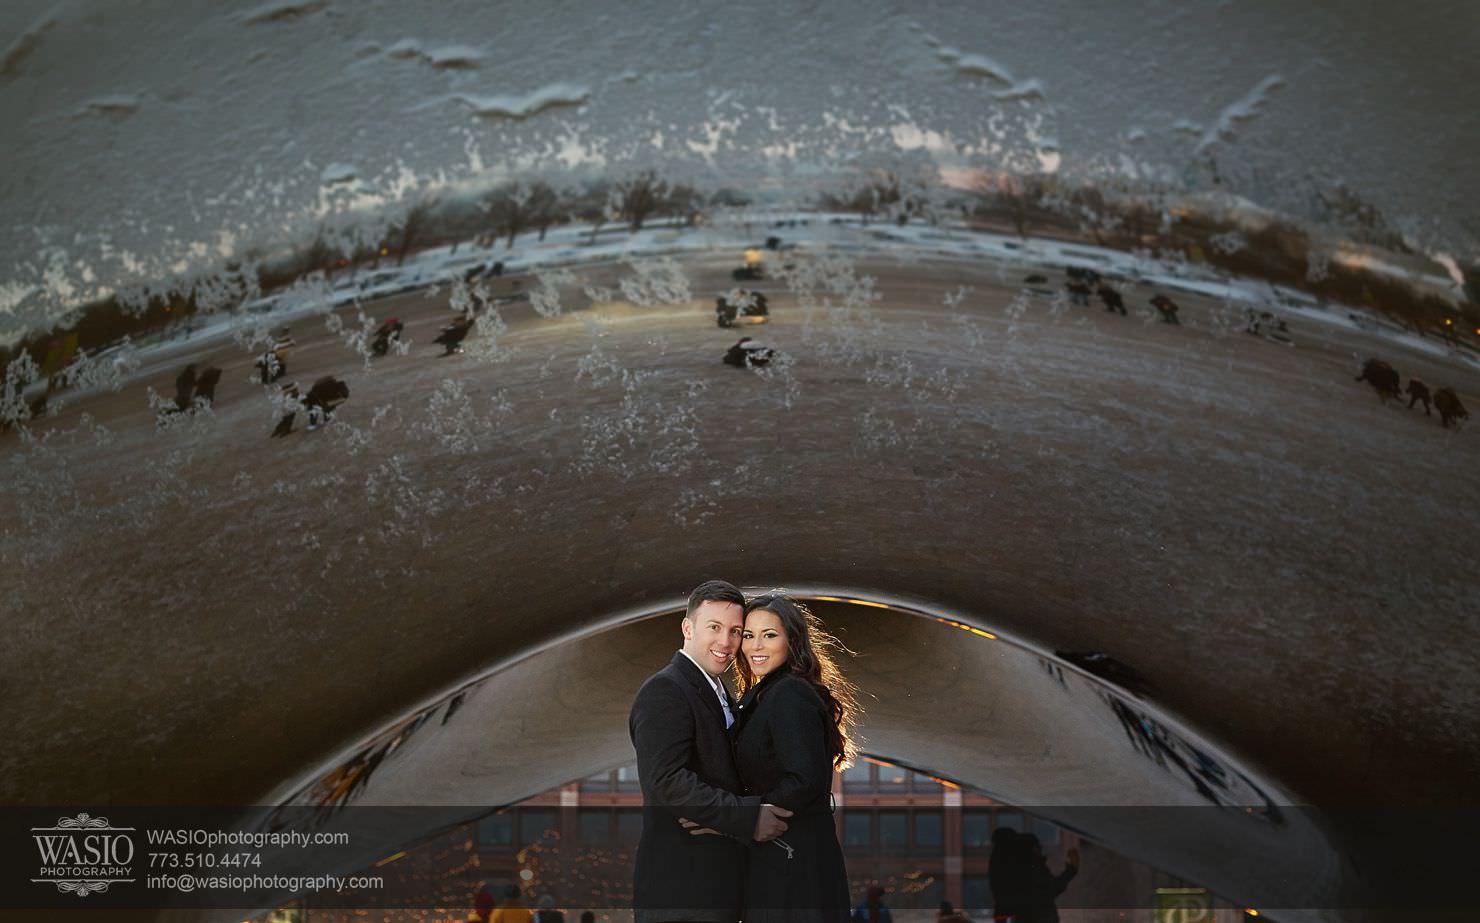 004-Chicago-Winter-Engagement Chicago Winter Engagement - Chrissy + Andrew